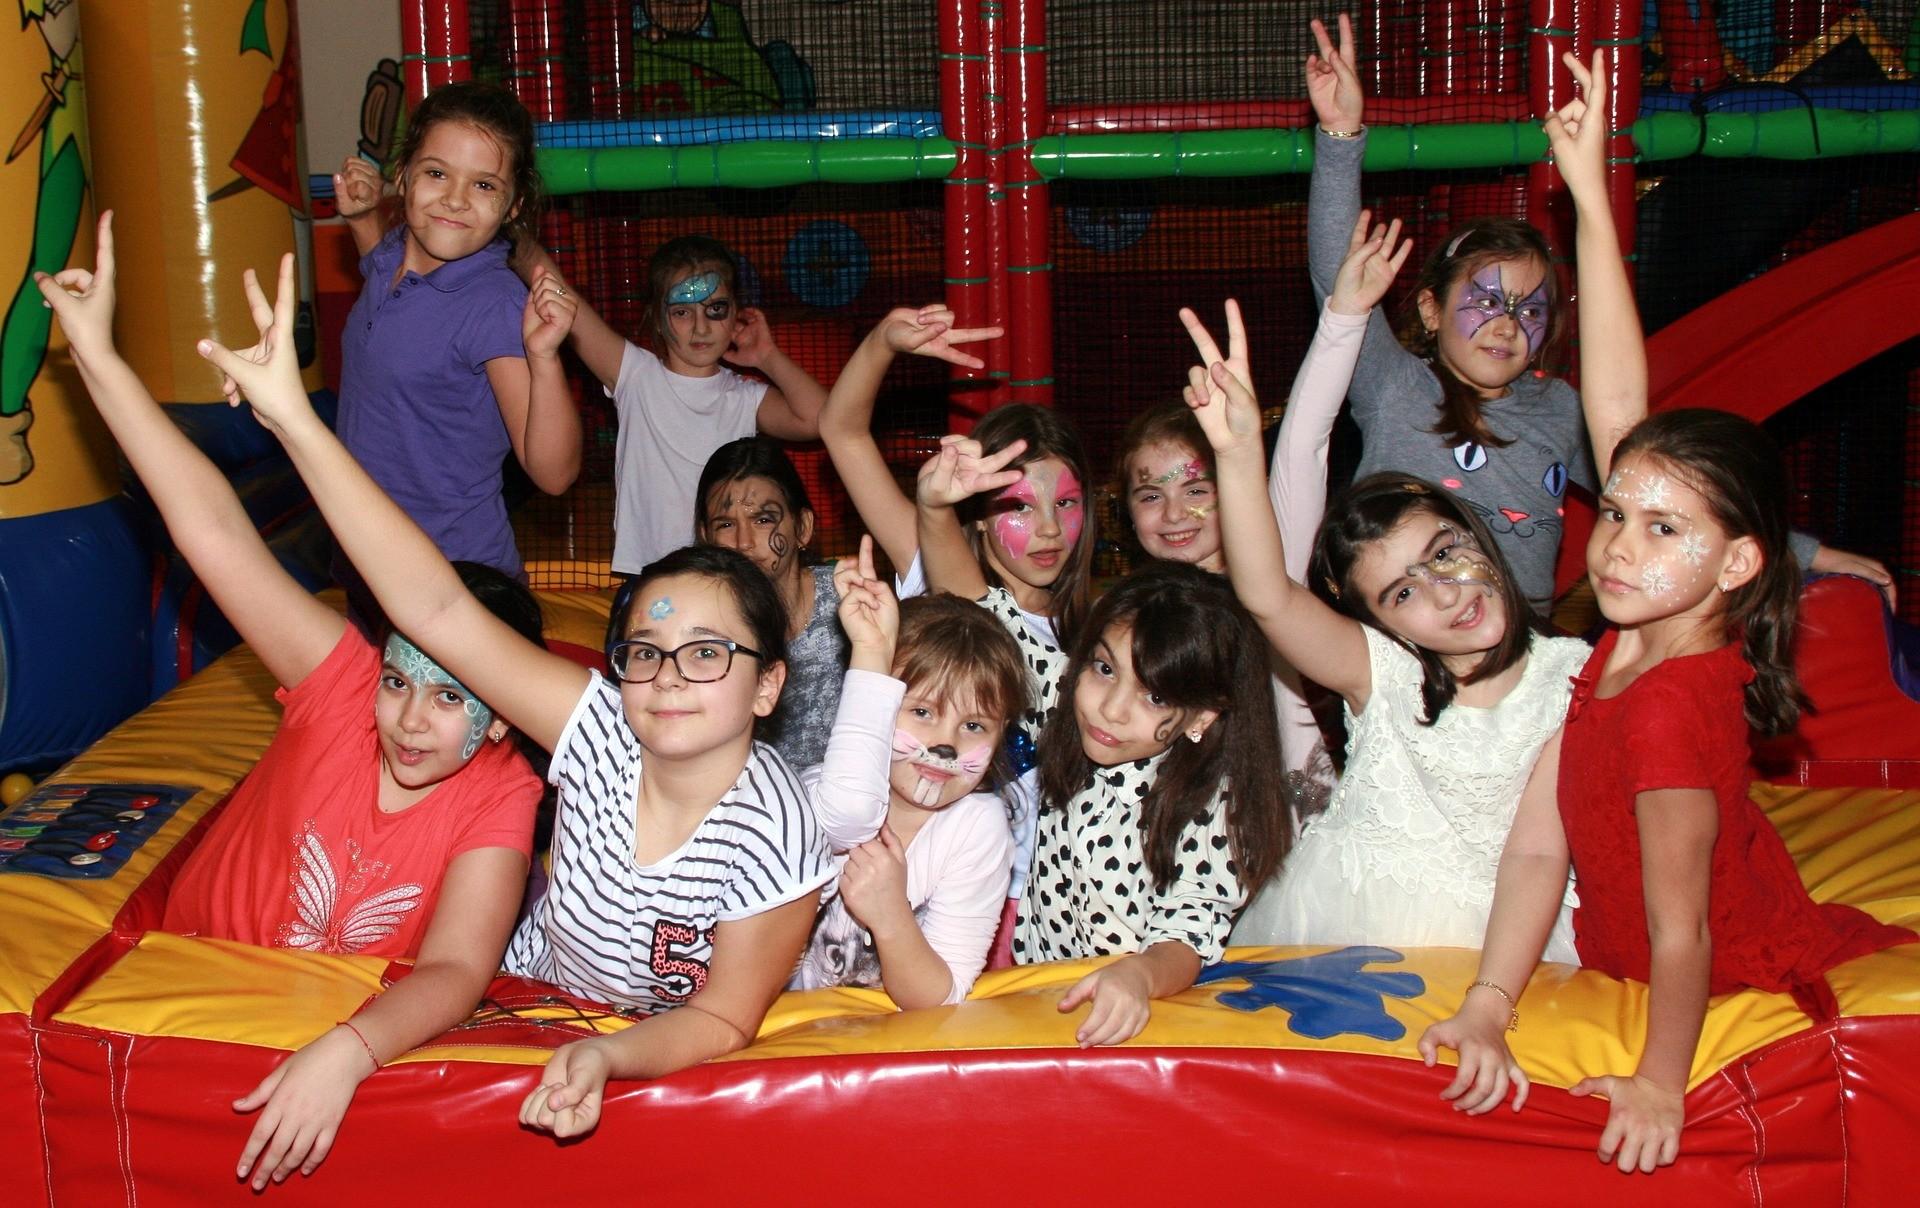 ▲小孩,孩子,派對,女孩。(圖/取自免費圖庫Pixabay)